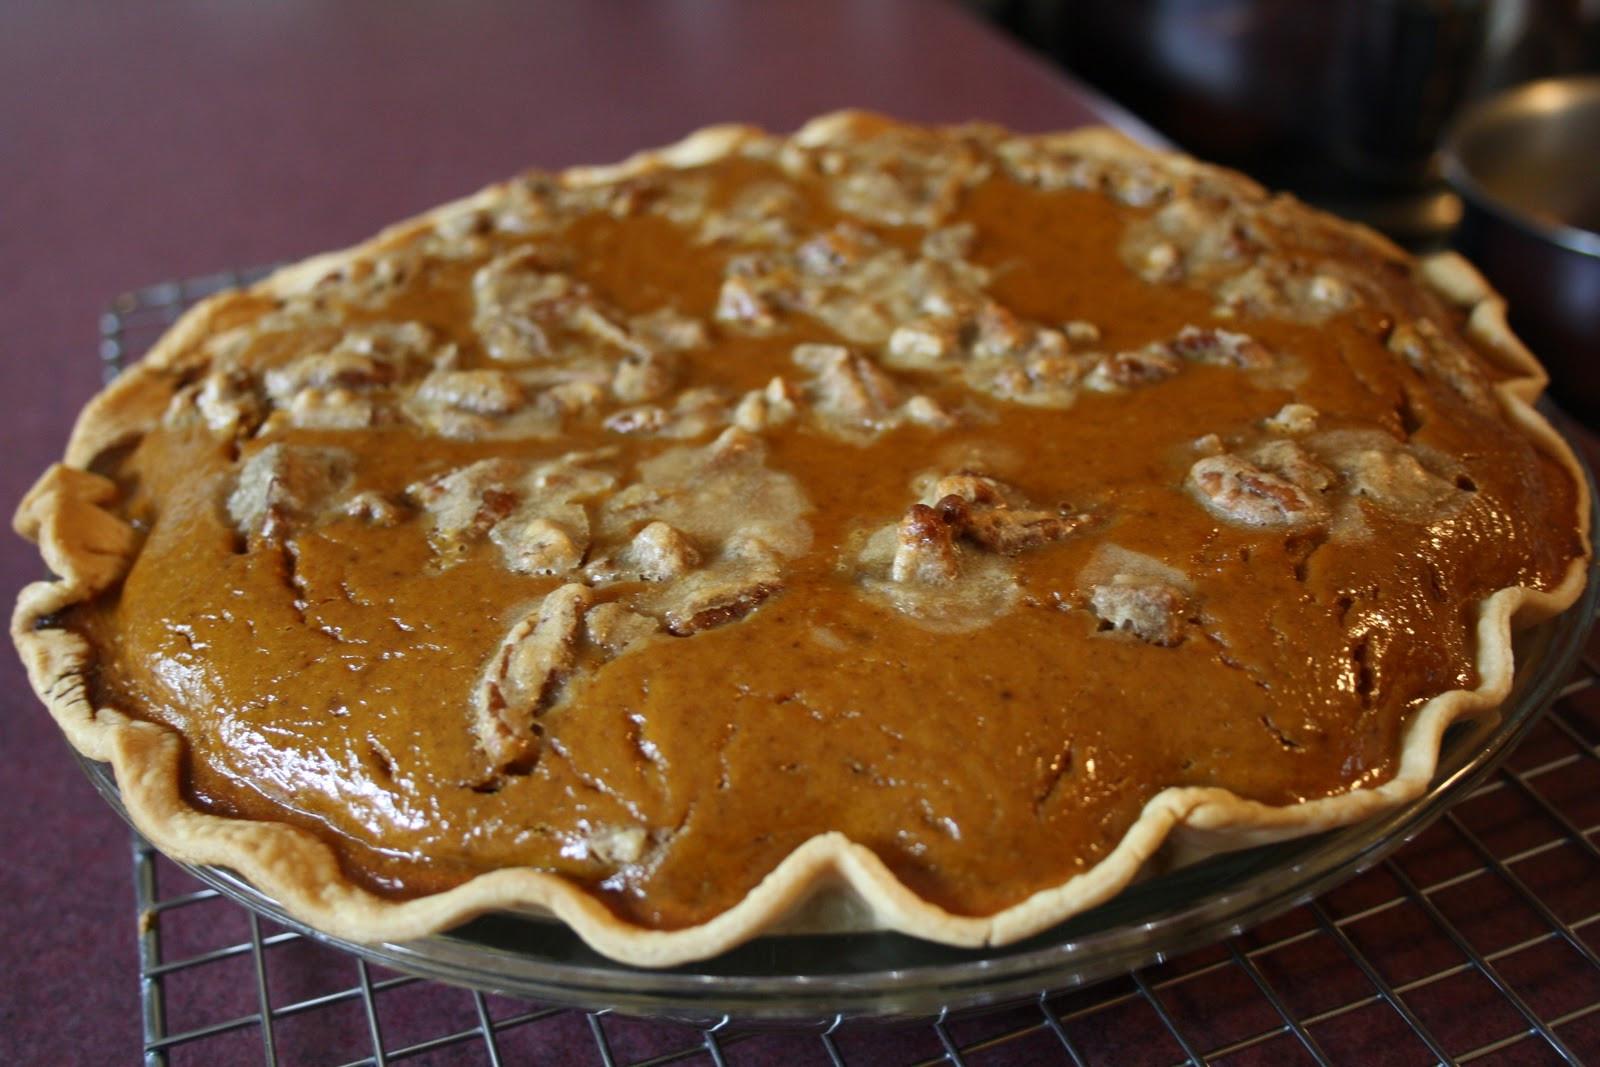 Pumpkin Pie Thanksgiving  Meals with Michelle Turkey & Pumpkin Pie Happy